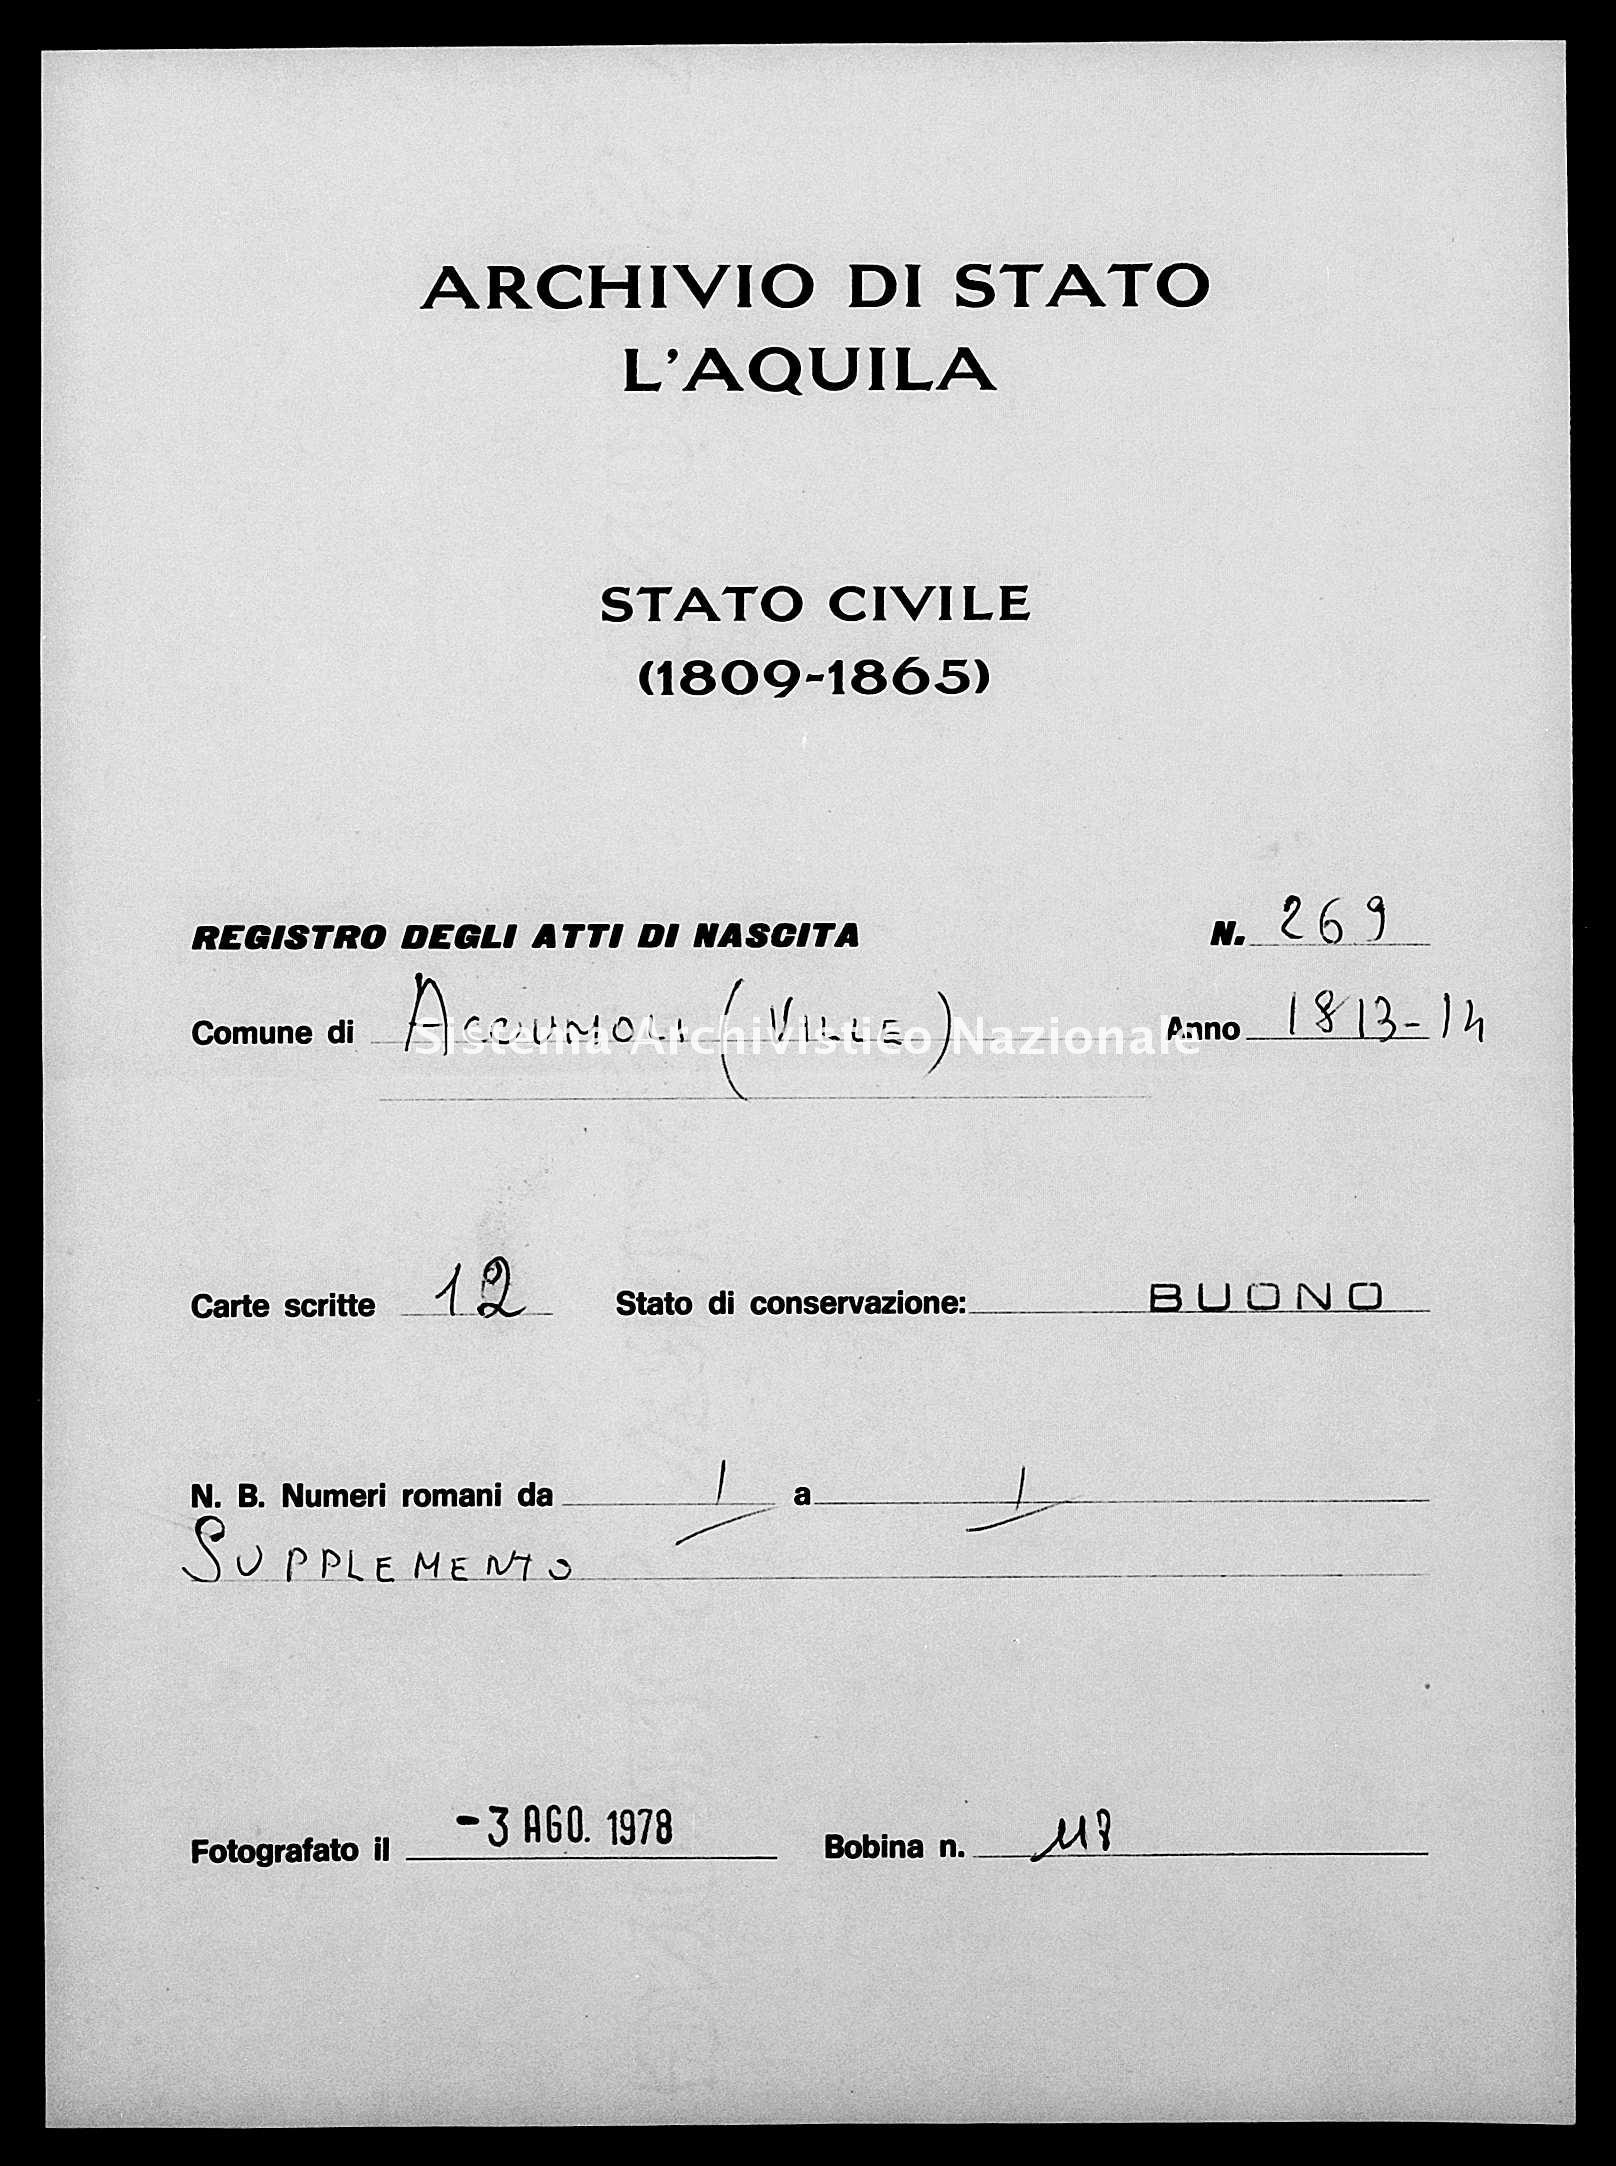 Archivio di stato di L'aquila - Stato civile napoleonico - Accumoli e ville - Nati - 12/02/1813-26/12/1813 - 269 -